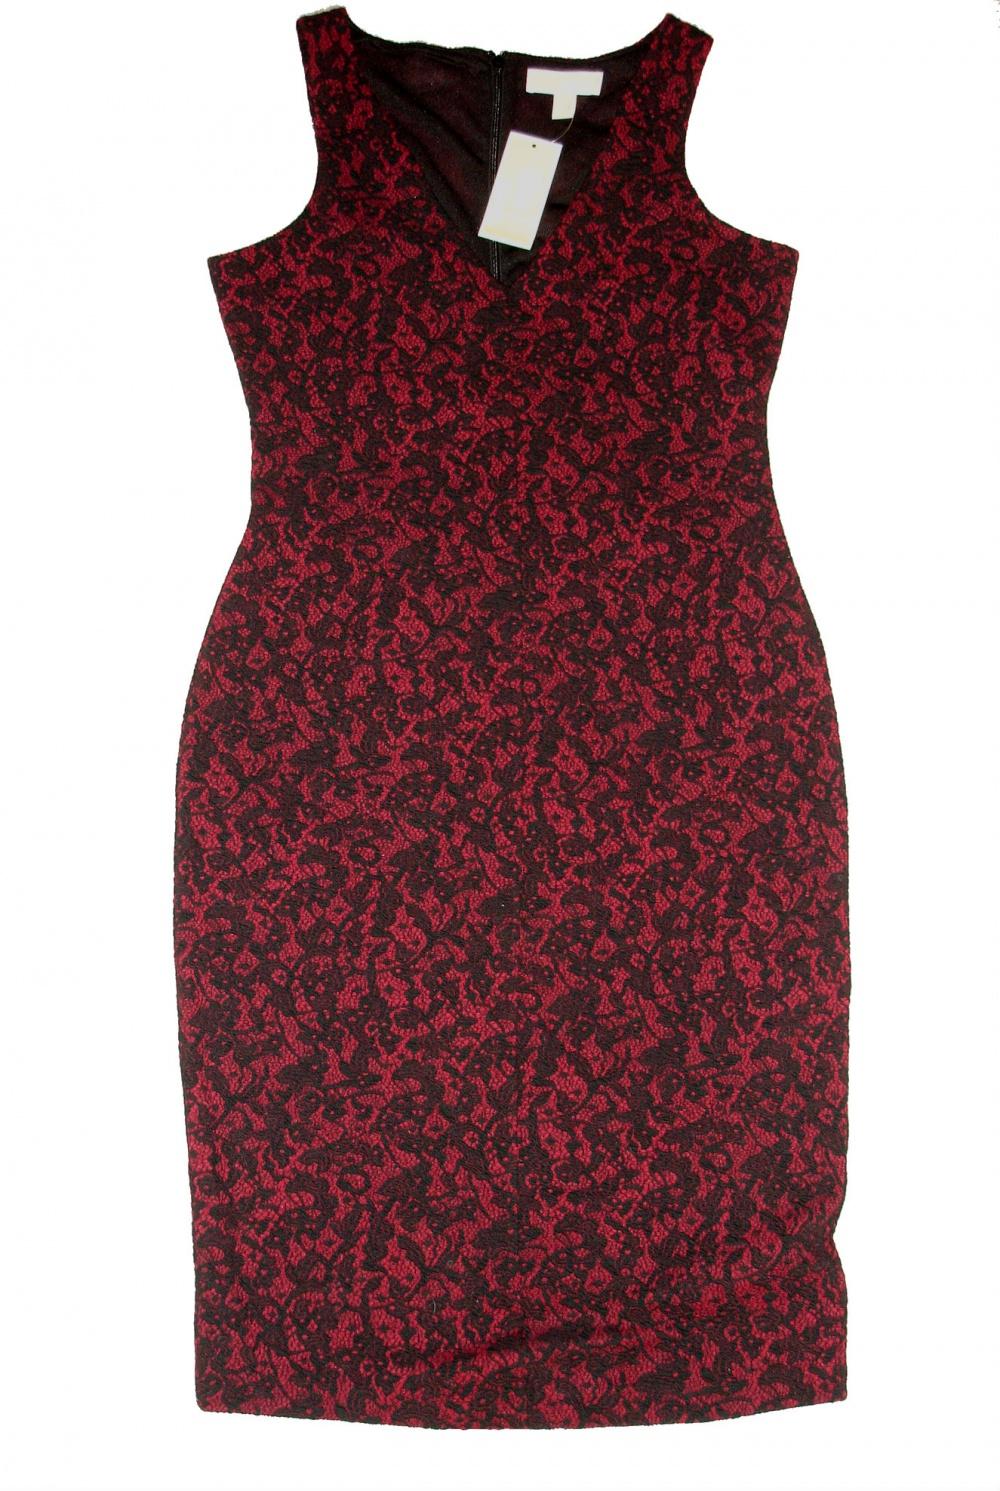 Платье Michael Kors, размер US 12 (рос 48-50)